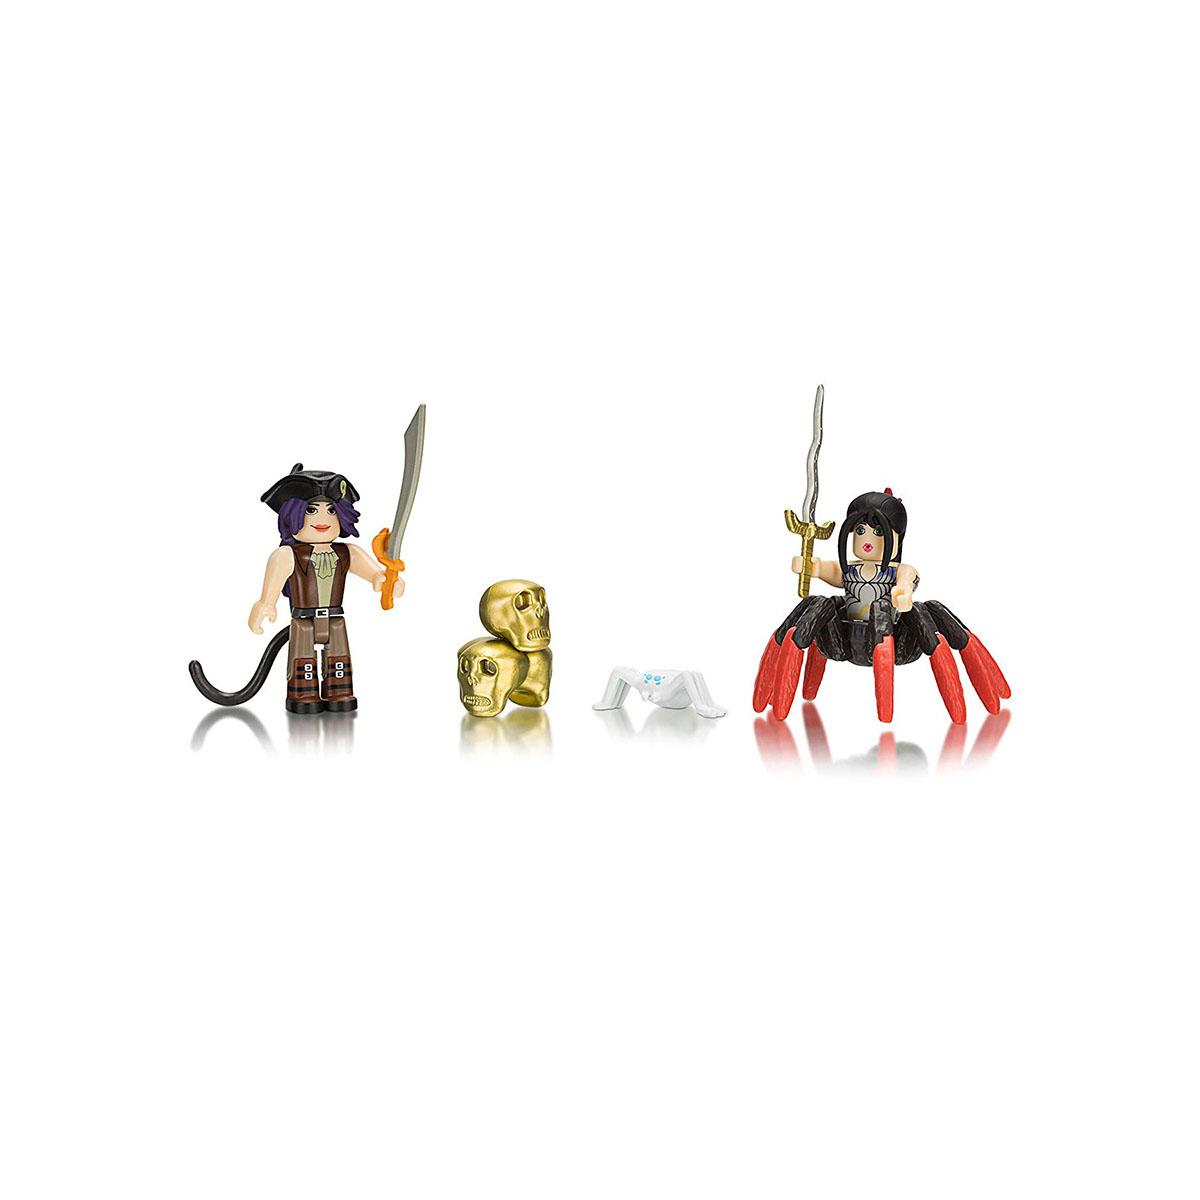 Set 2 figurine Roblox, Neverland Lagoon Salameen the Spider Queen